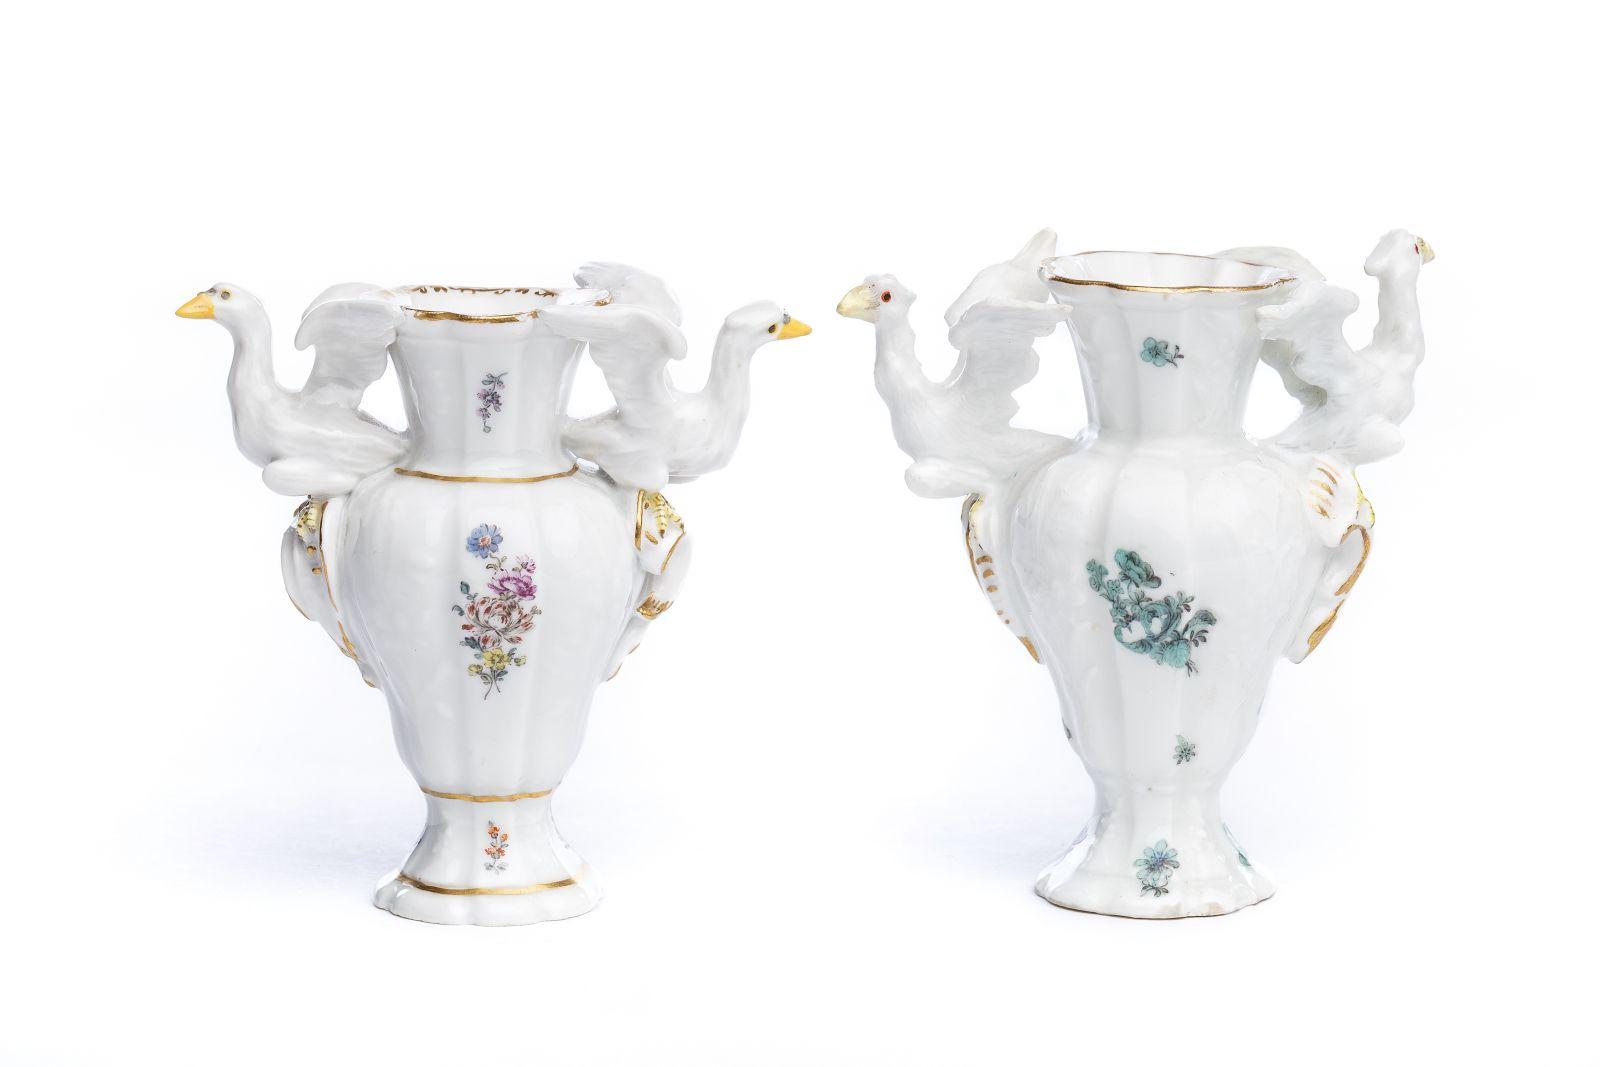 #37 2 small porcelain vases, Meissen 1750 | 2 kleine Porzellan Vasen, Meissen 1750 Image